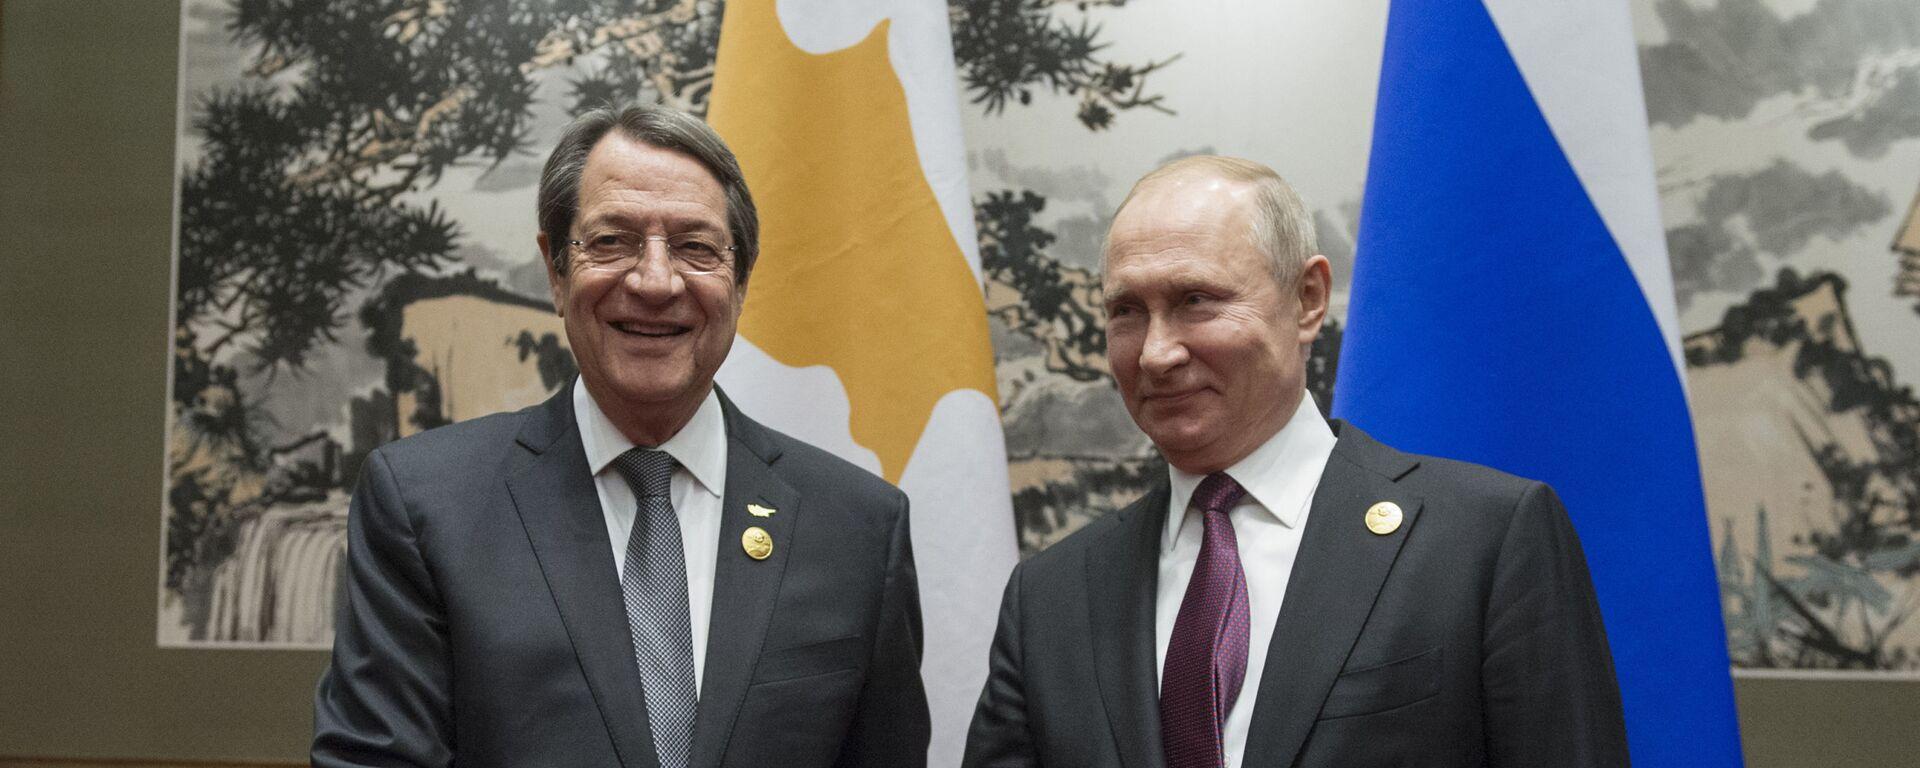 Ο Βλαντίμιρ Πούτιν και ο Νίκος Αναστασιάδης - Sputnik Ελλάδα, 1920, 30.09.2021